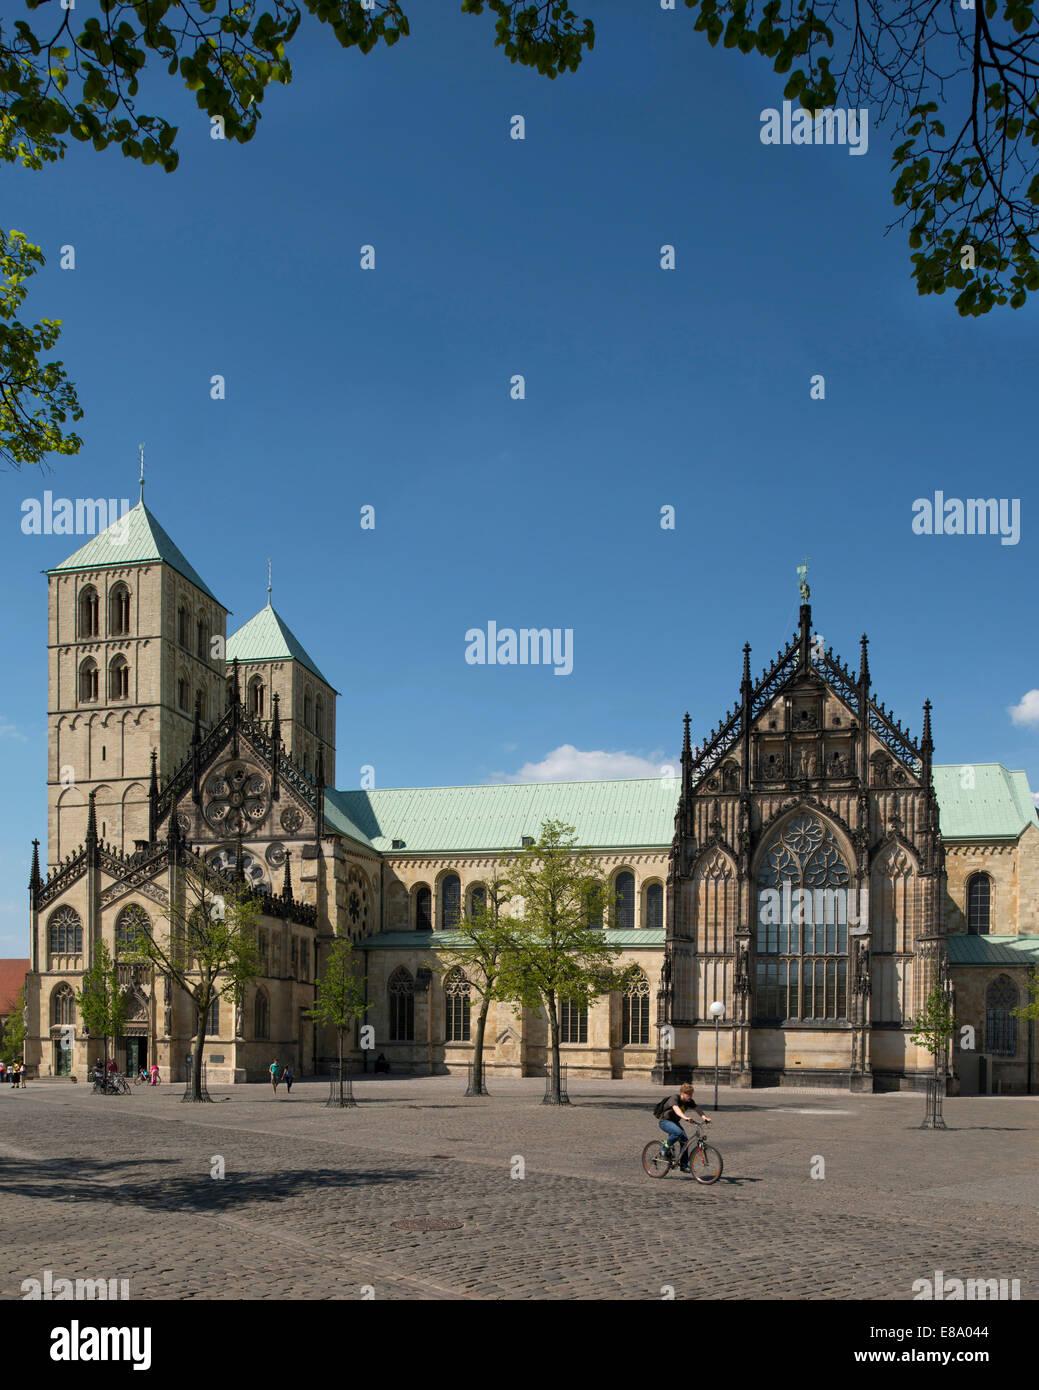 Le sud de l'avant vers l'Domplatz place de la cathédrale, la cathédrale de Münster, Münster, Photo Stock